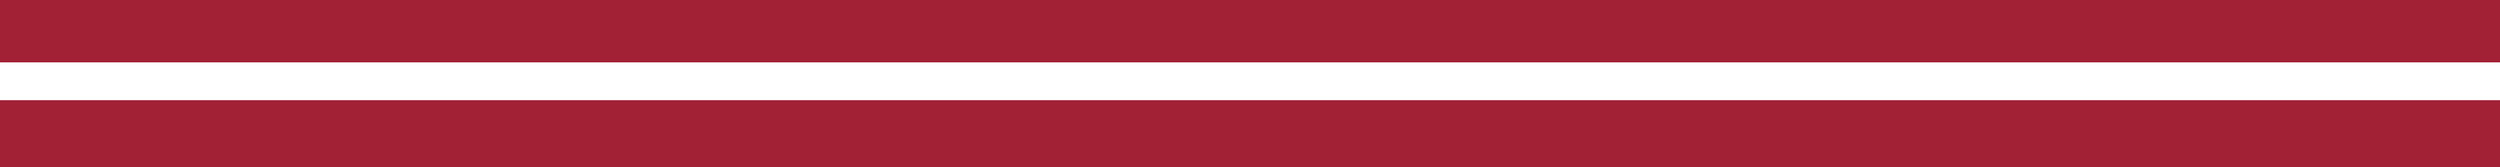 Latvian Red - Pantone 201C.jpg